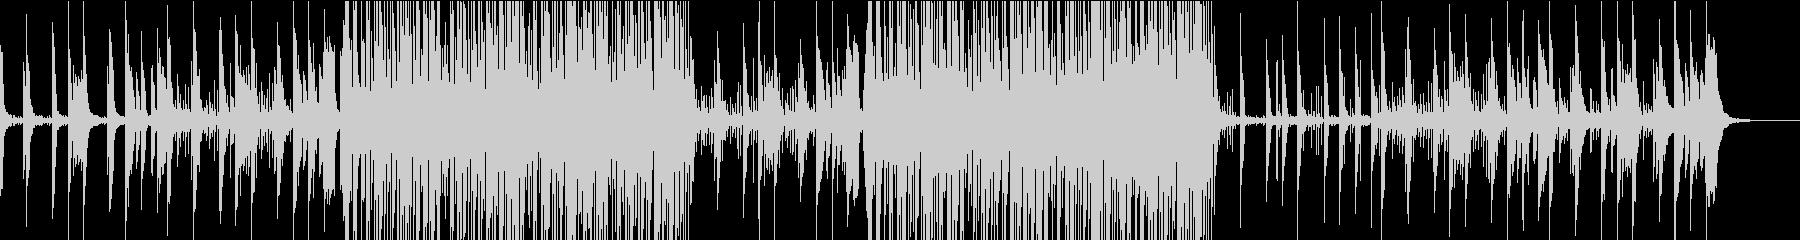 かわいい系シンセポップの未再生の波形